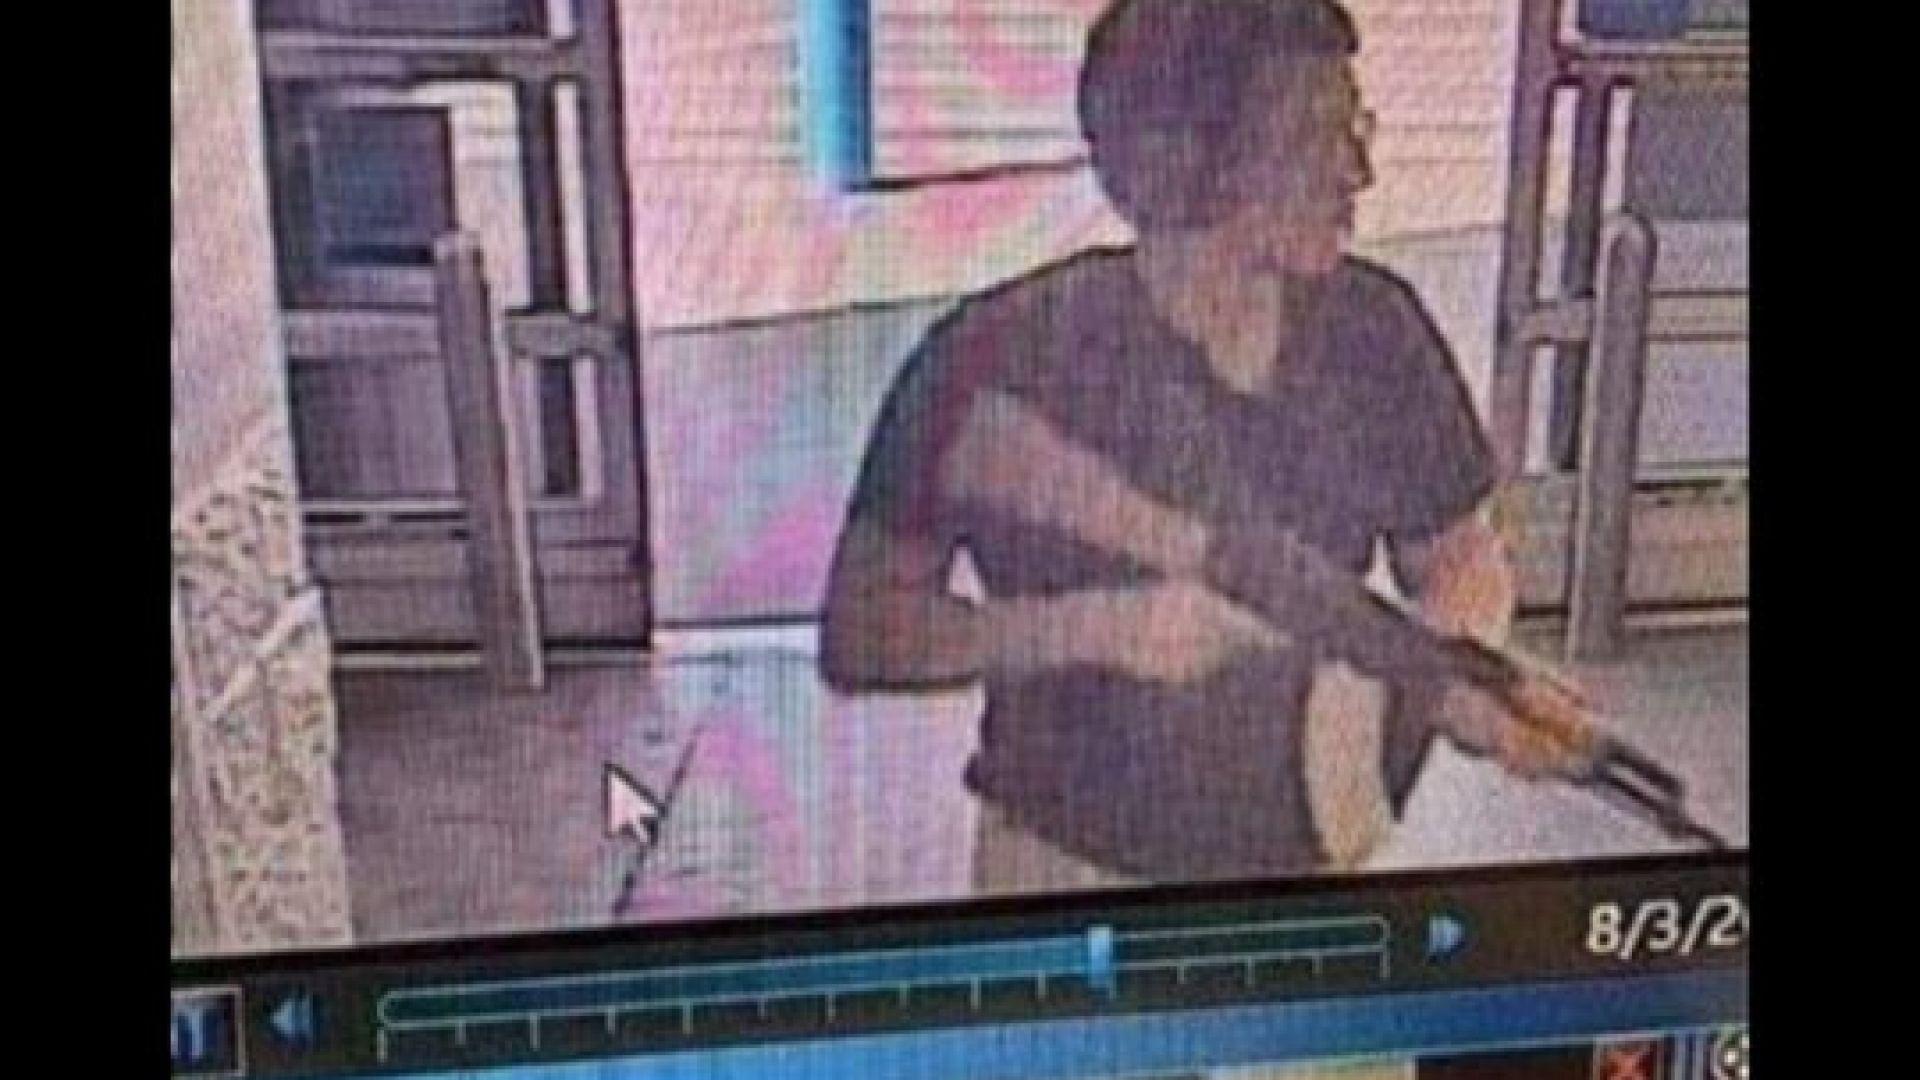 Патрик Крусис с расистки манифест, преди да открие стрелбата в Ел Пасо